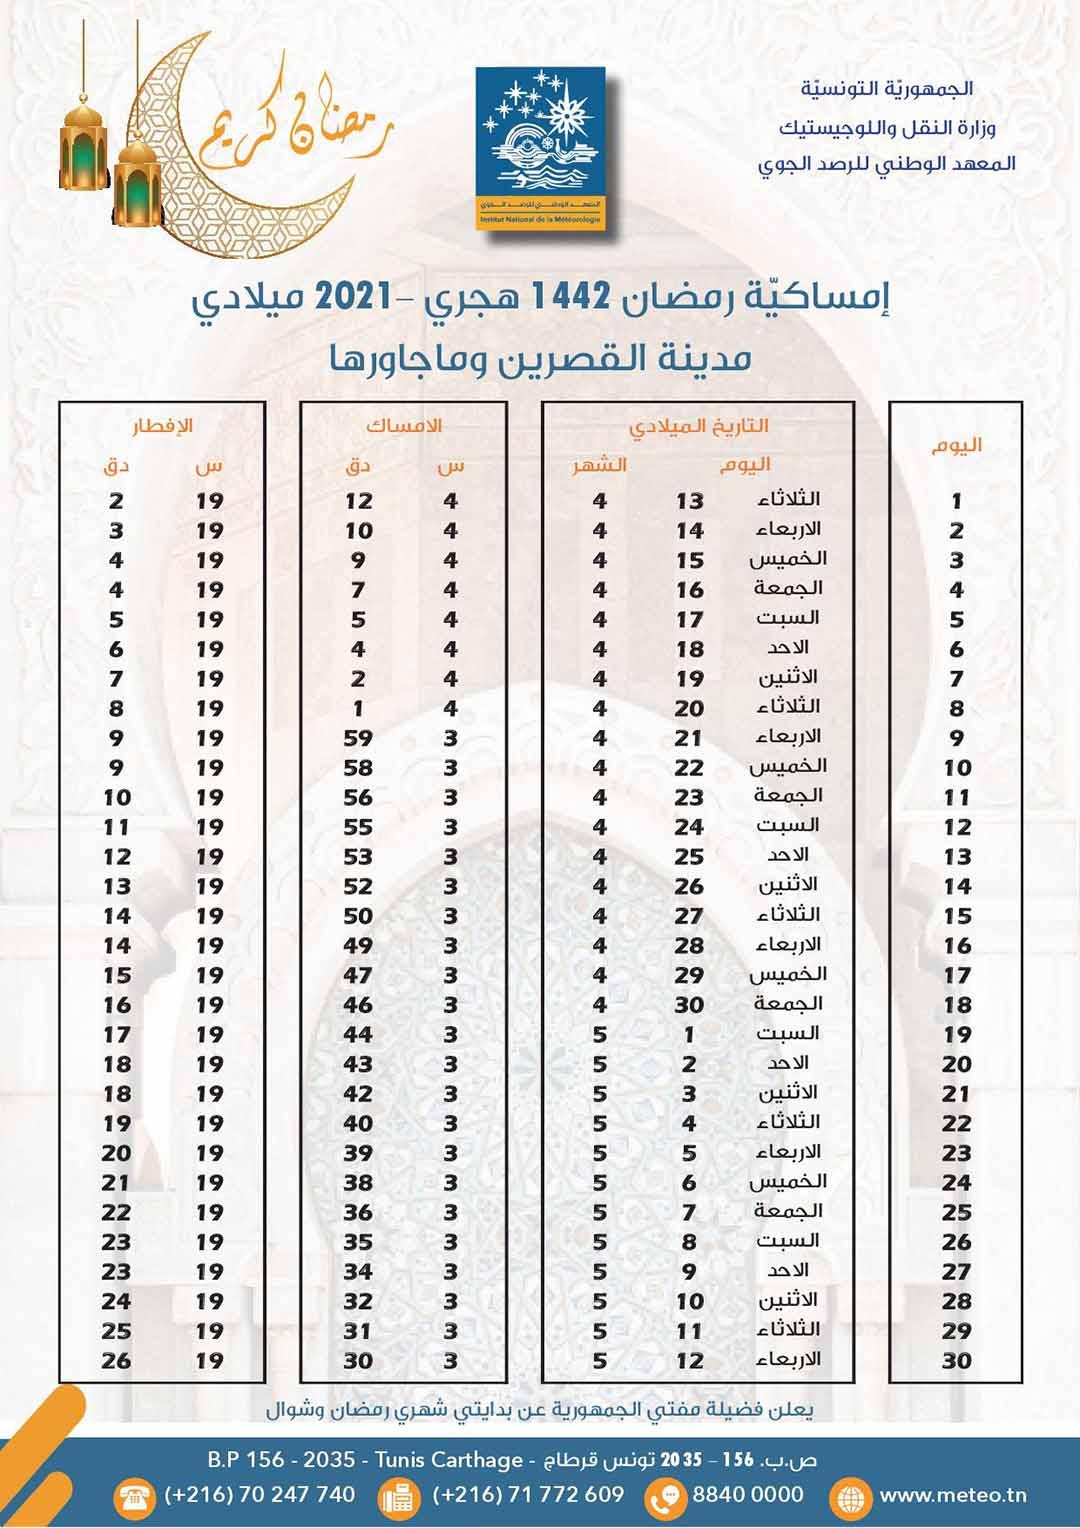 مواعيد الافطار و السحور في ولاية القصرين رمضان 2021 1 - هام: مواعيد الافطار والامساك لشهر رمضان حسب الولايات..